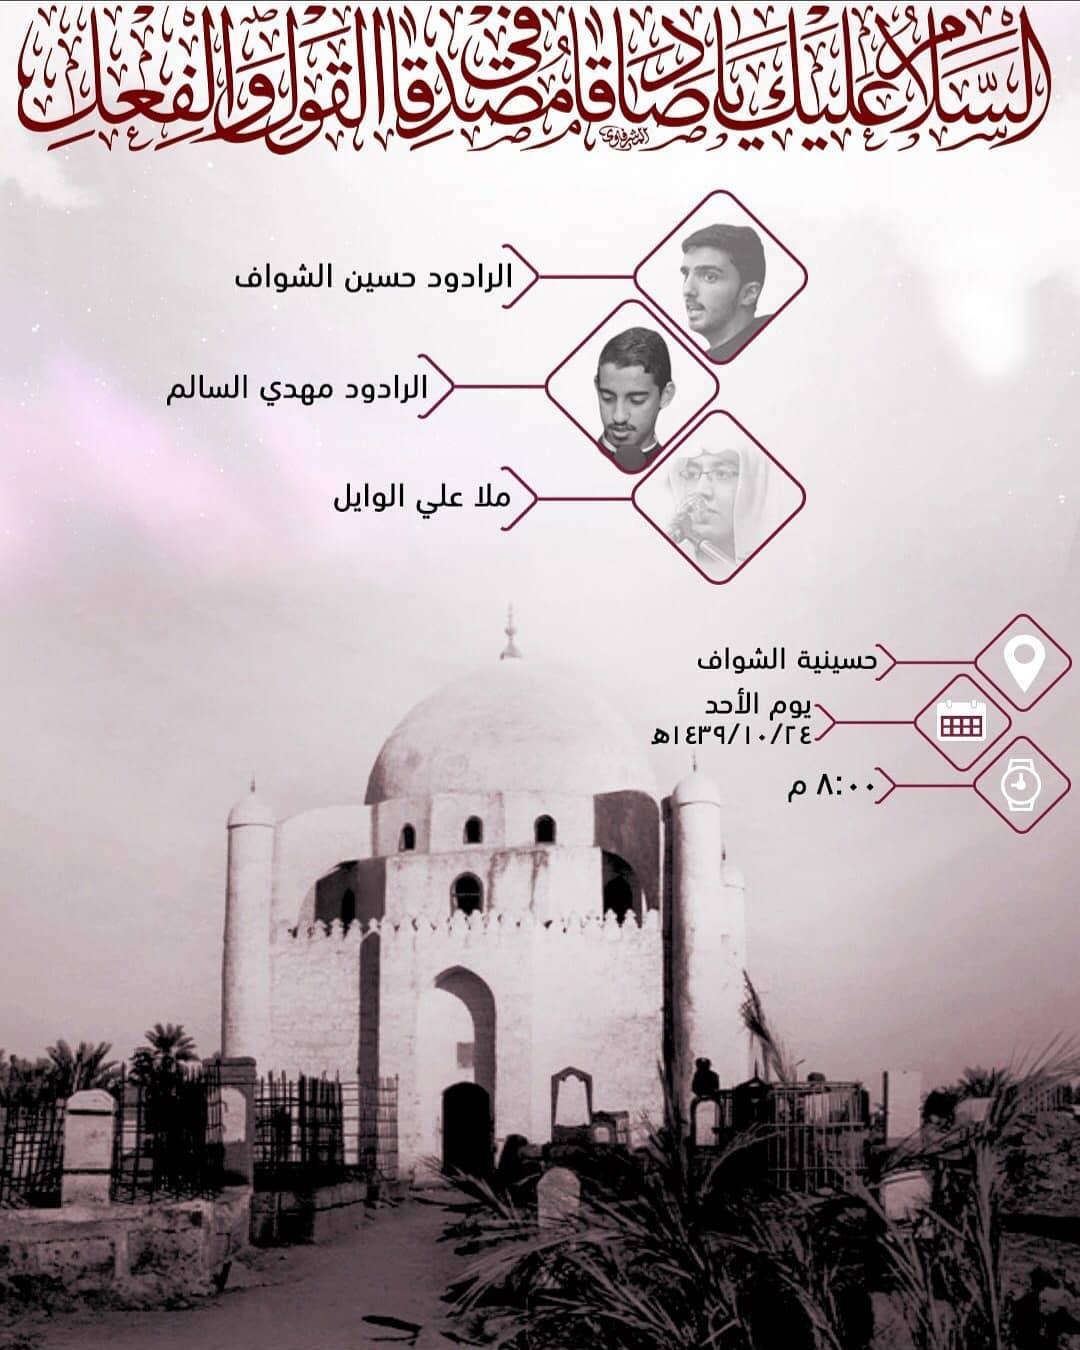 حسينية الشواف بالهفوف